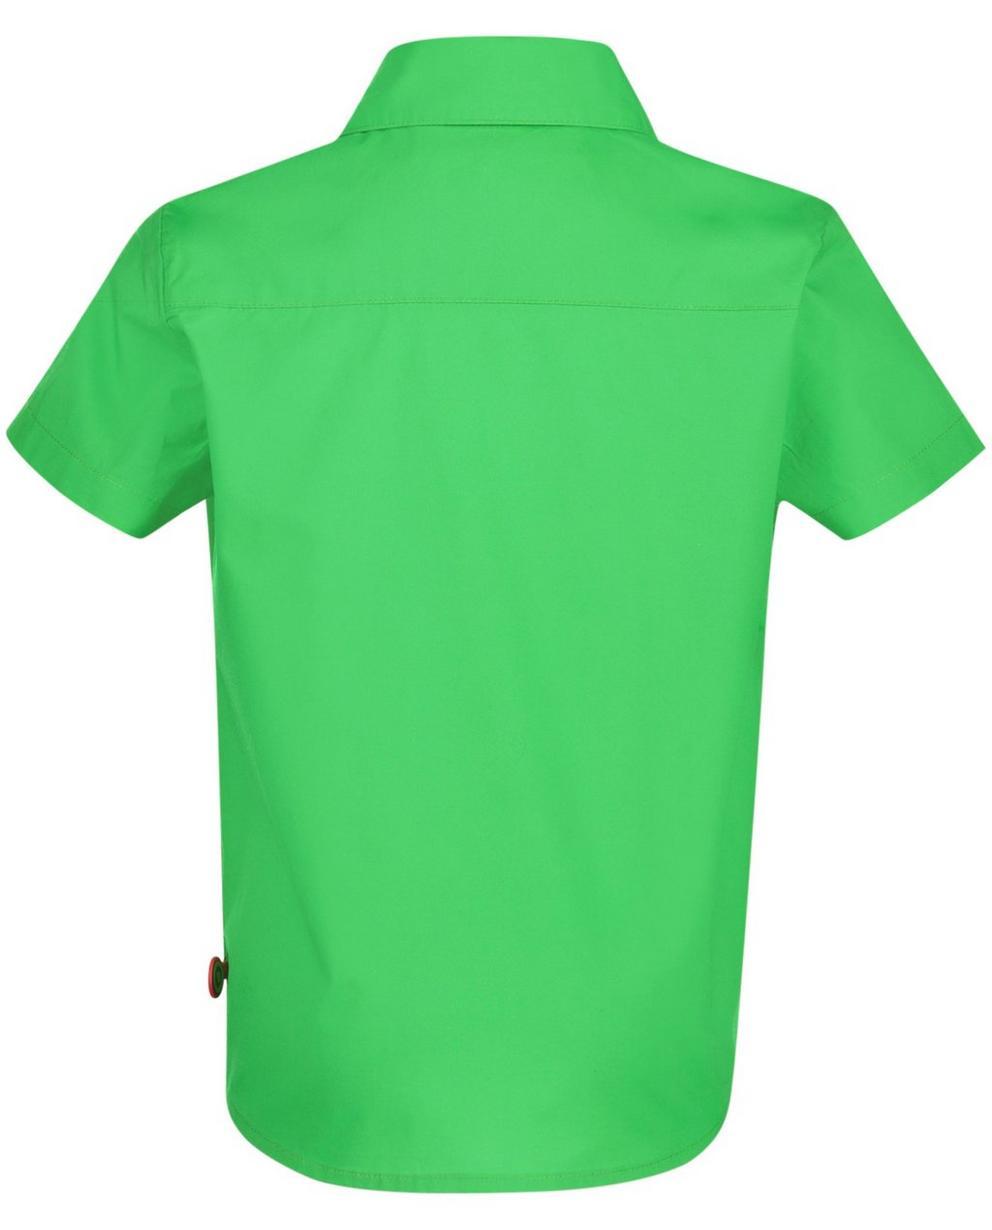 Chemises - bright green - Grasgroen hemd